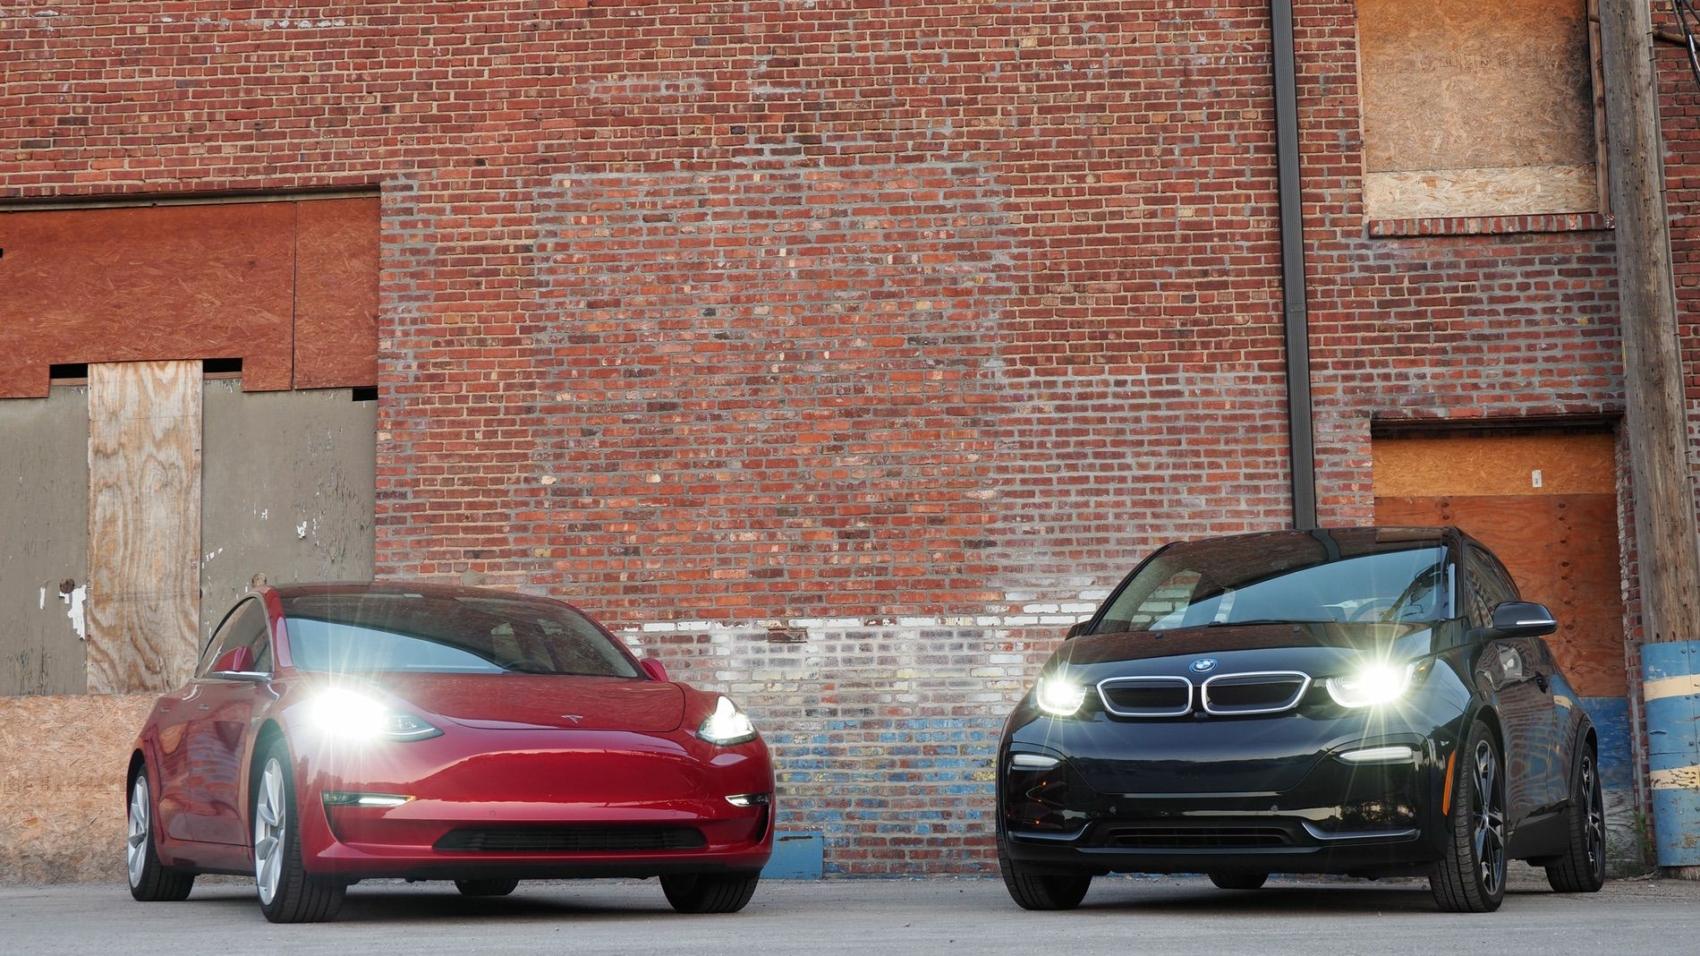 BMW-i3-tesla-model-3-13